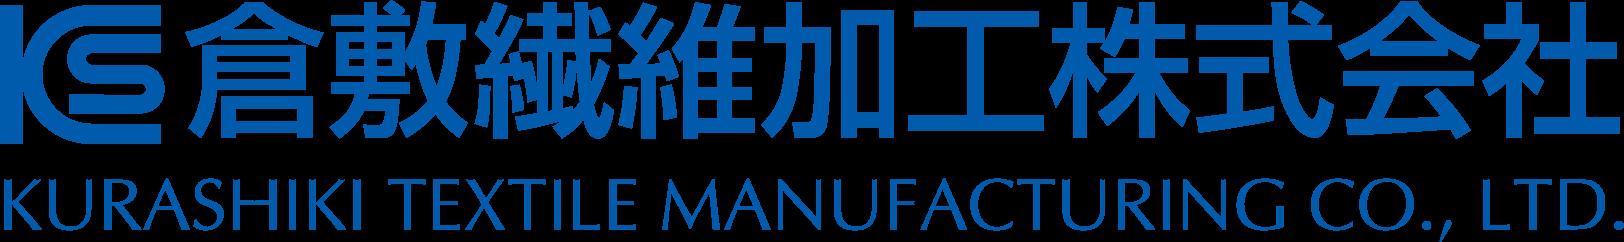 倉敷繊維加工株式会社